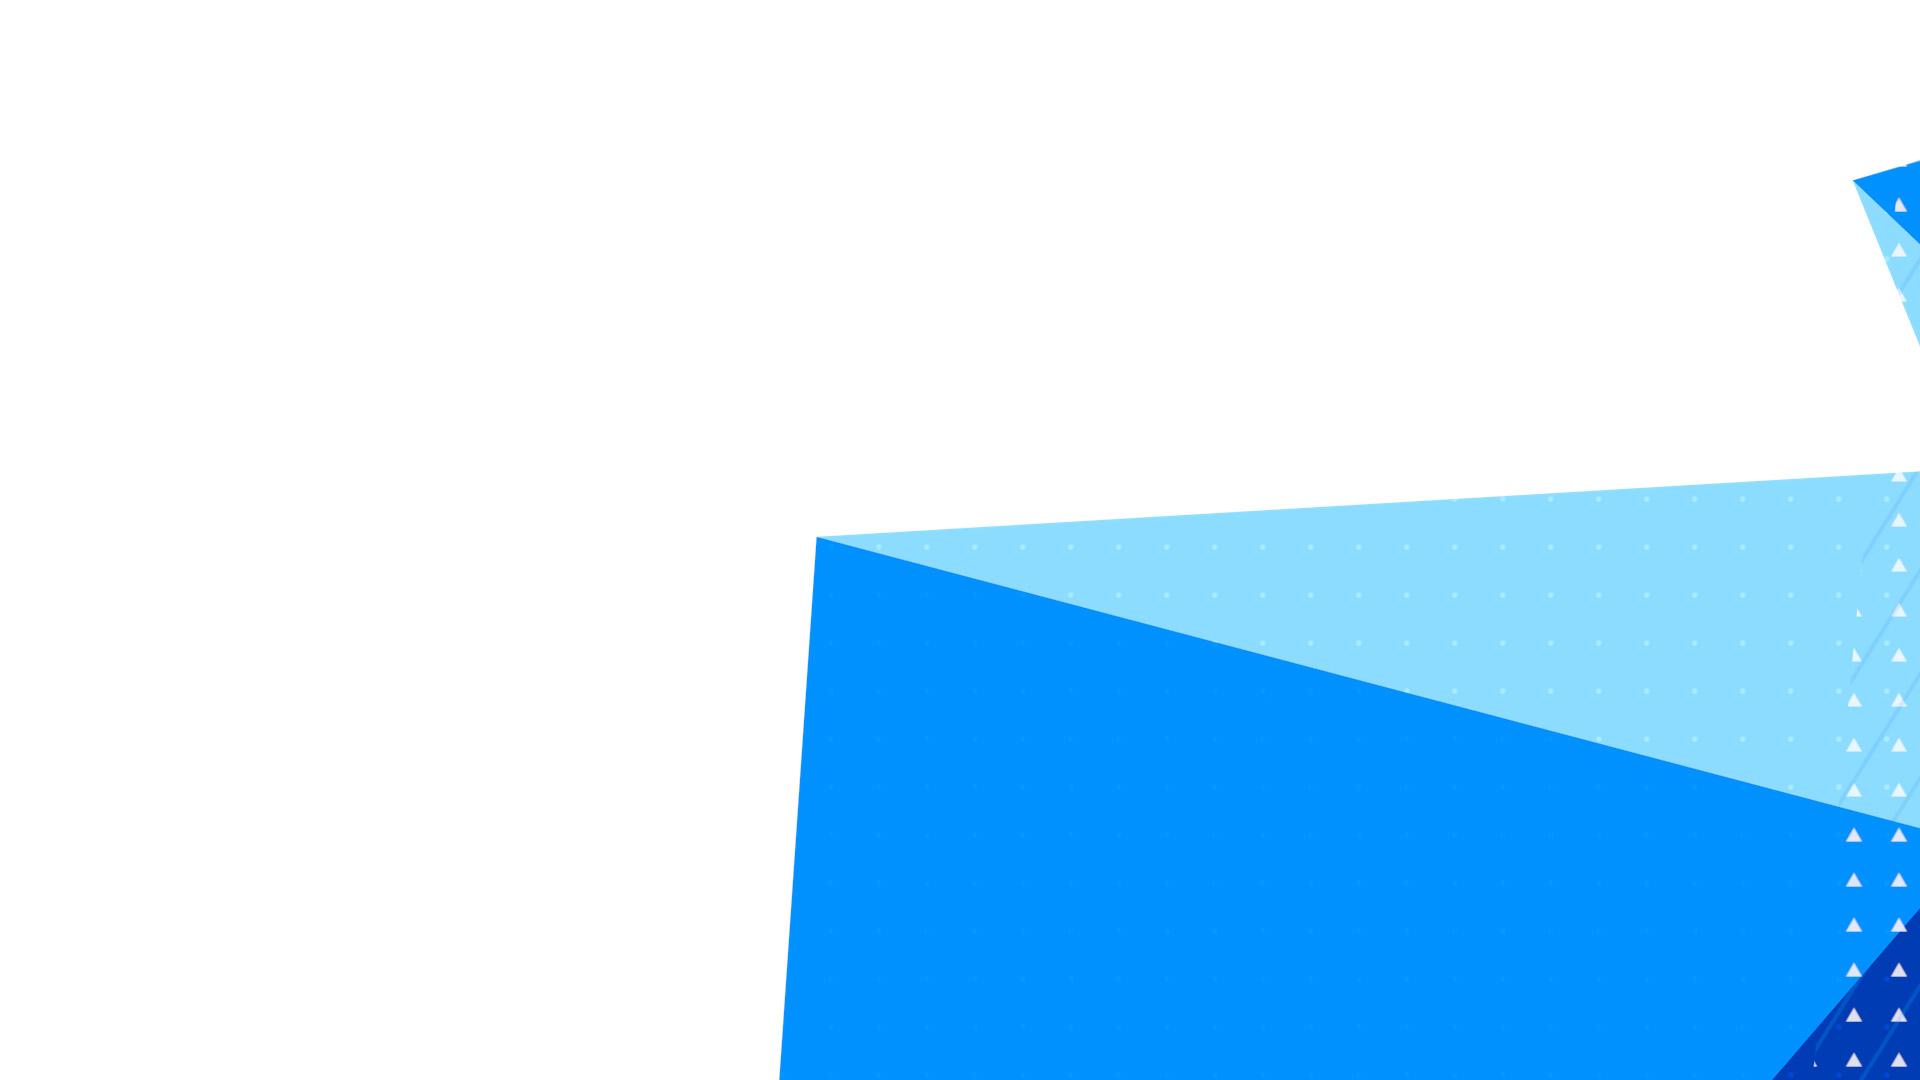 wipe_3_blue123